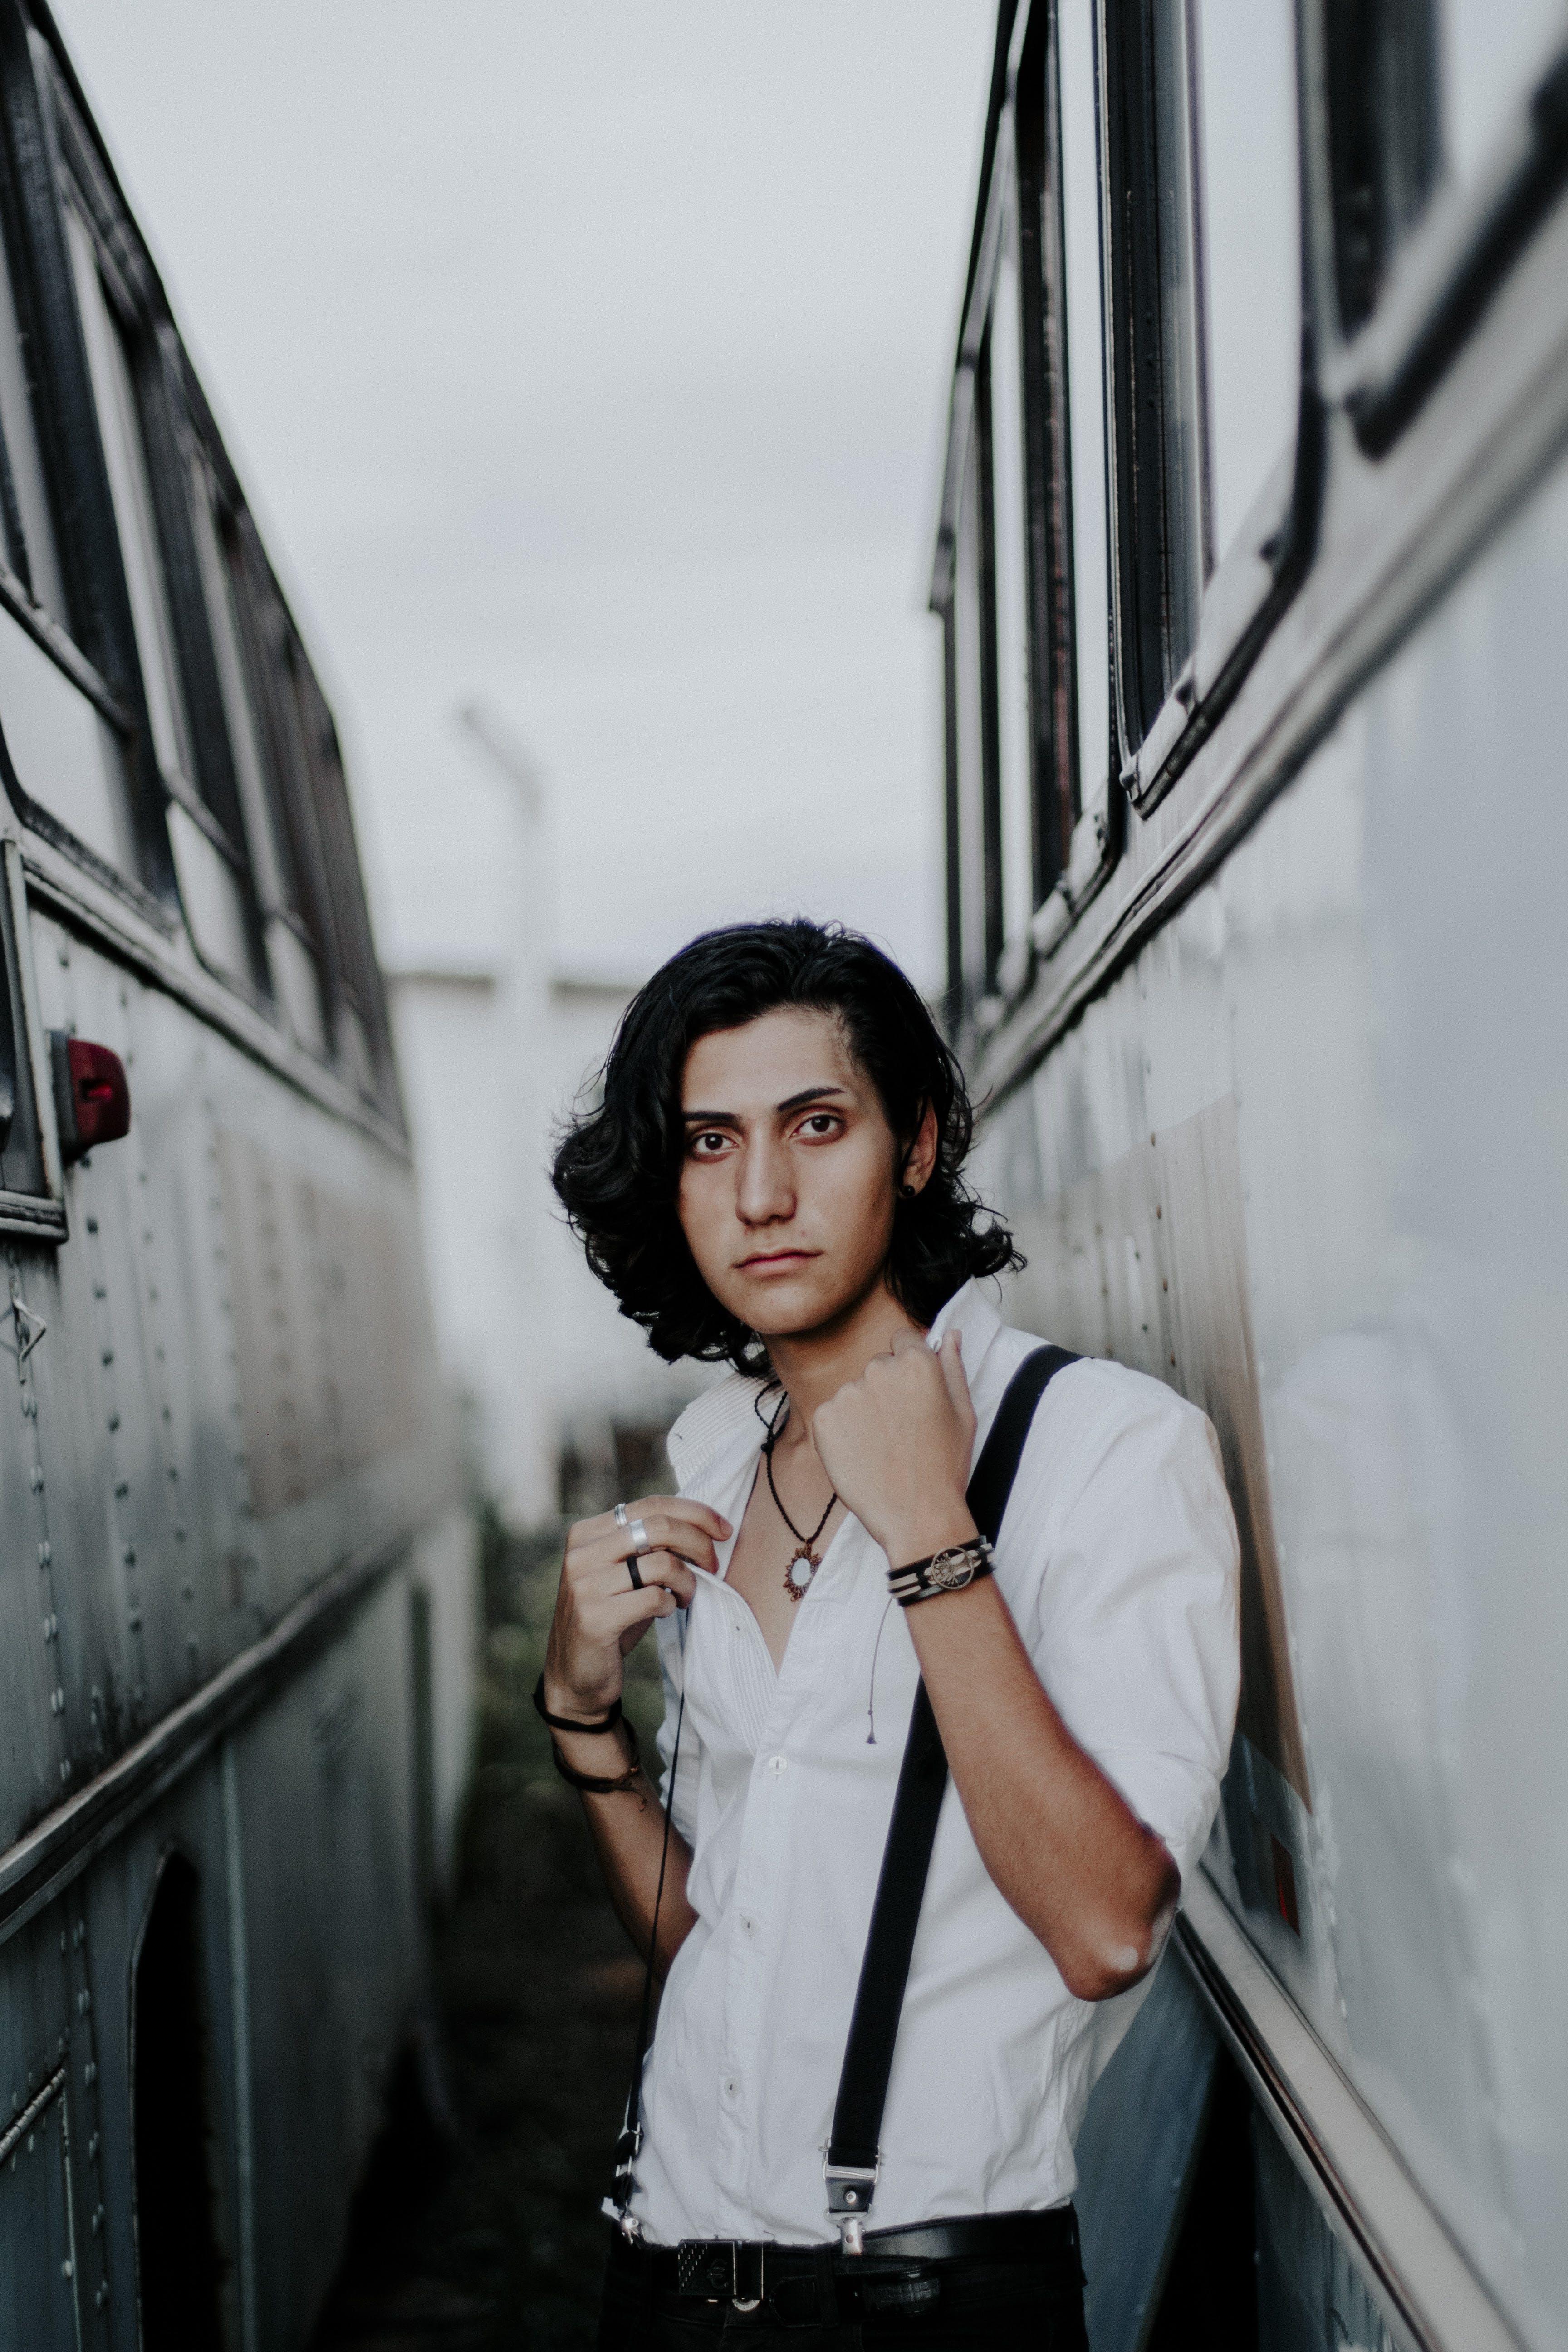 Man Standing Between on Bus